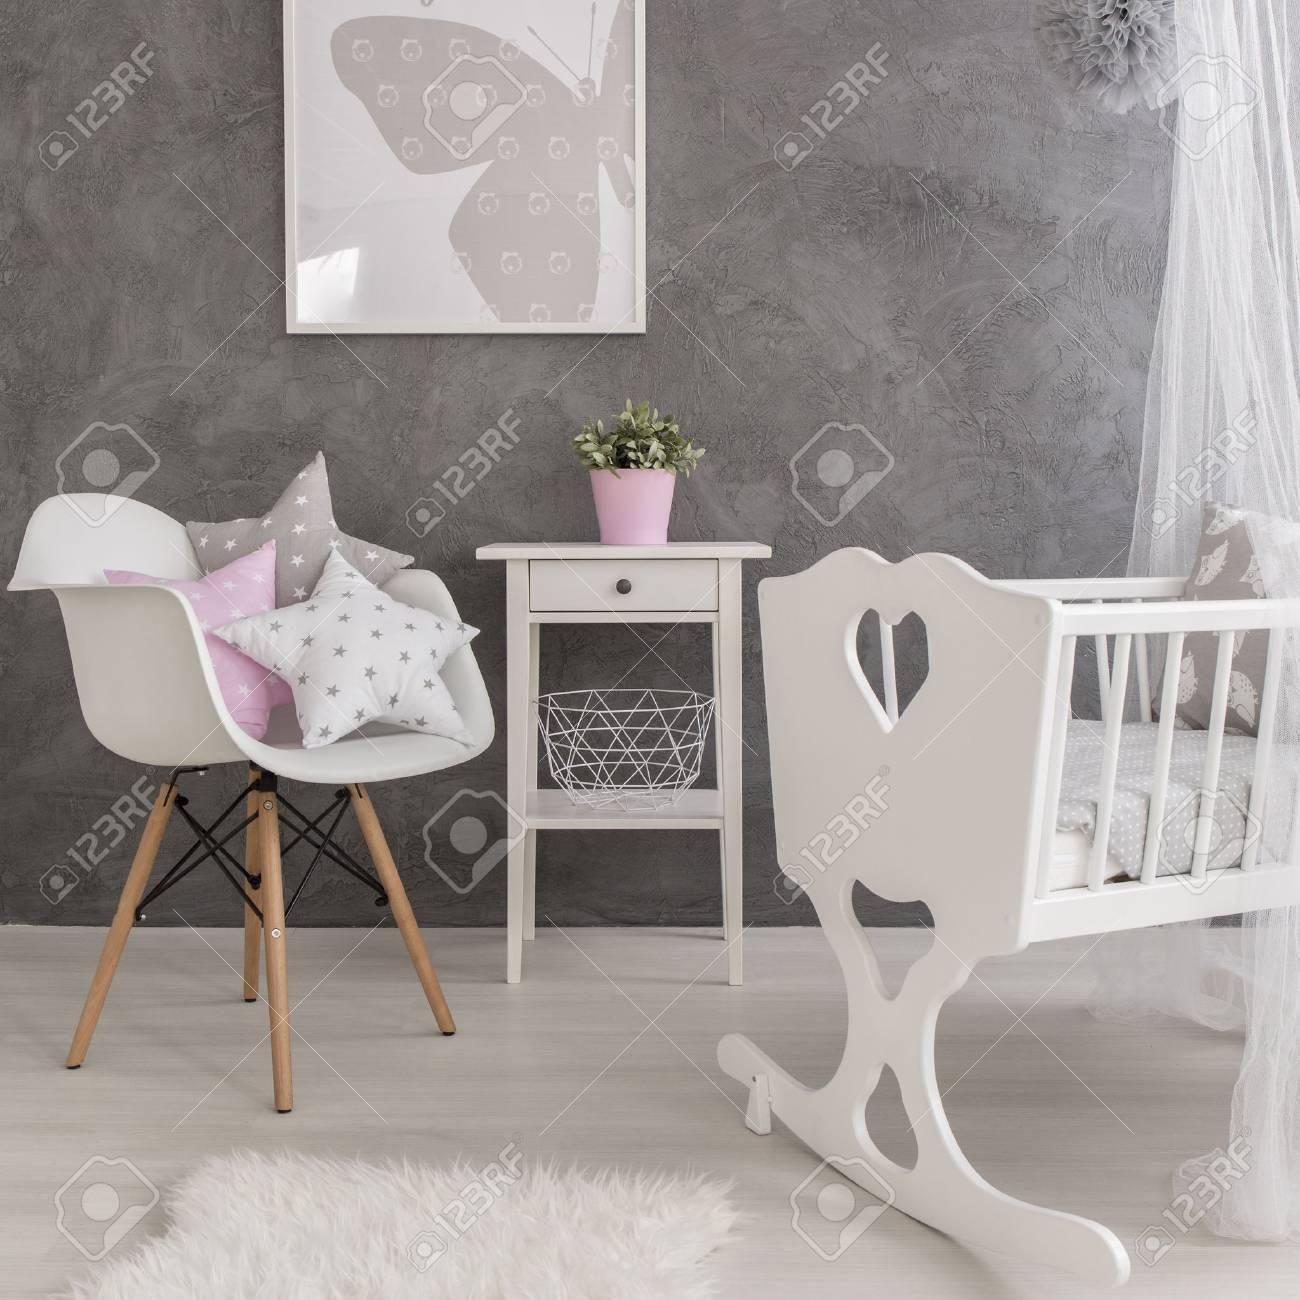 47a3f988b4c22 Banque d images - Tir d une chambre de bébé moderne gris avec des  accessoires blancs